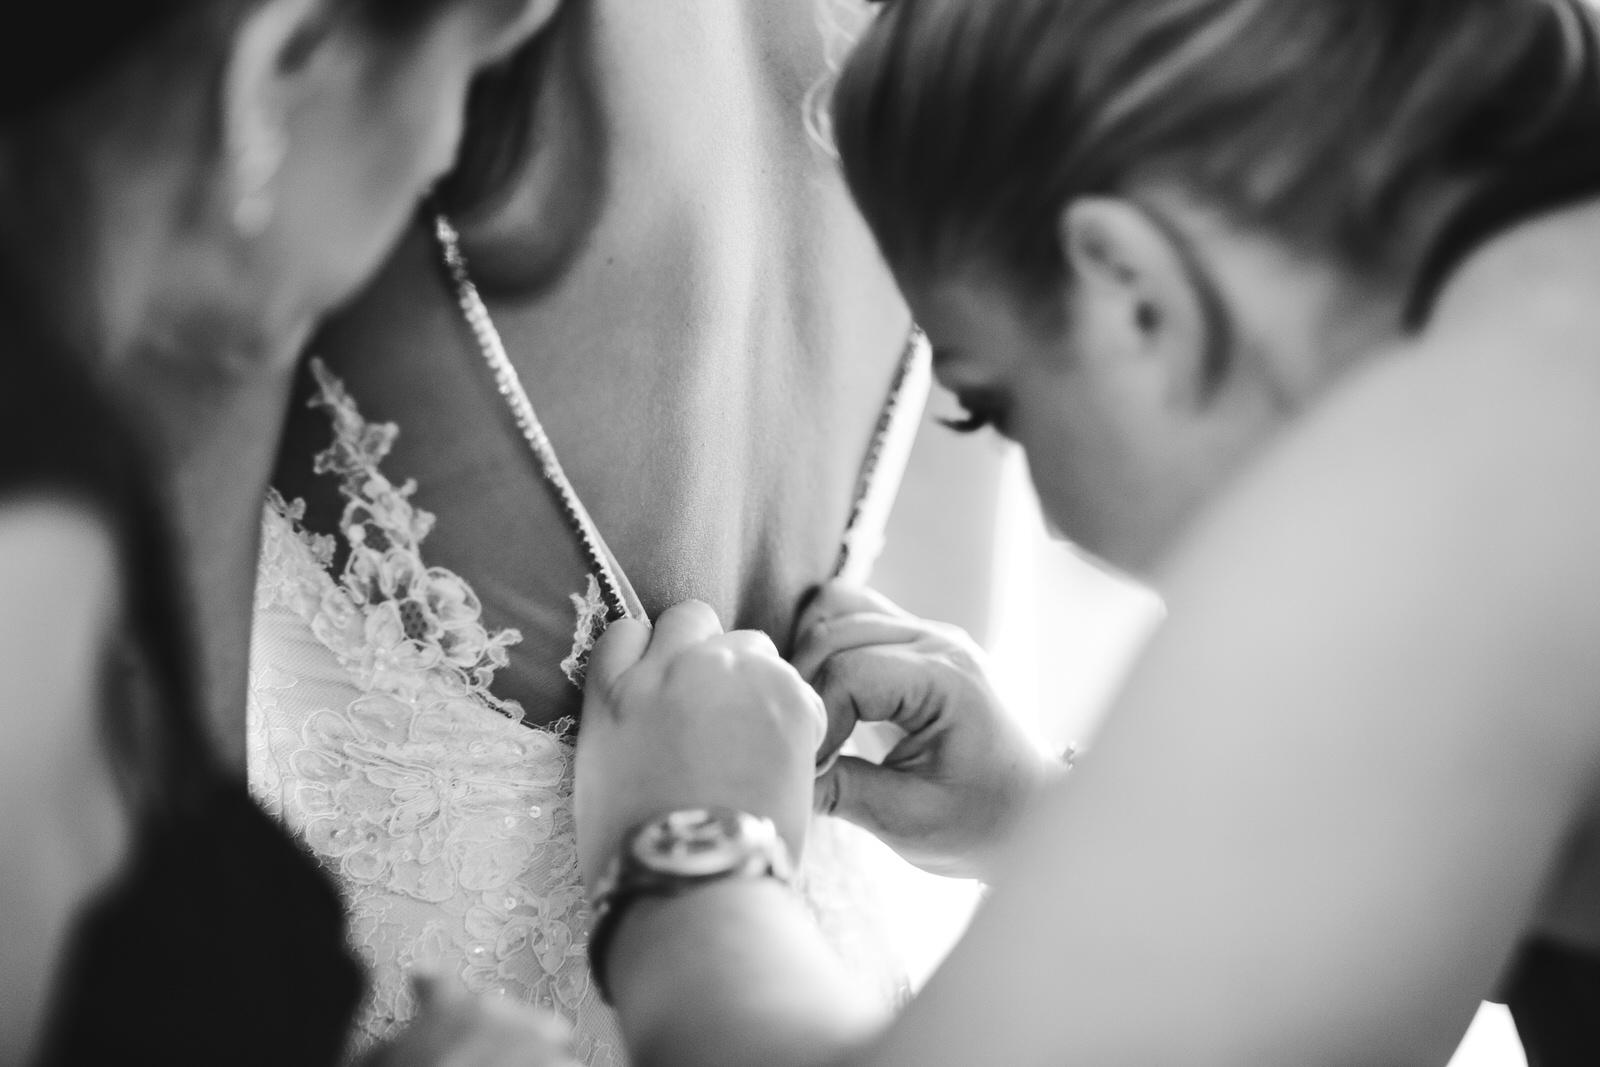 steph_lynn_photo_tiny_house_photo_wedding_photographer_destination_documentary.jpg